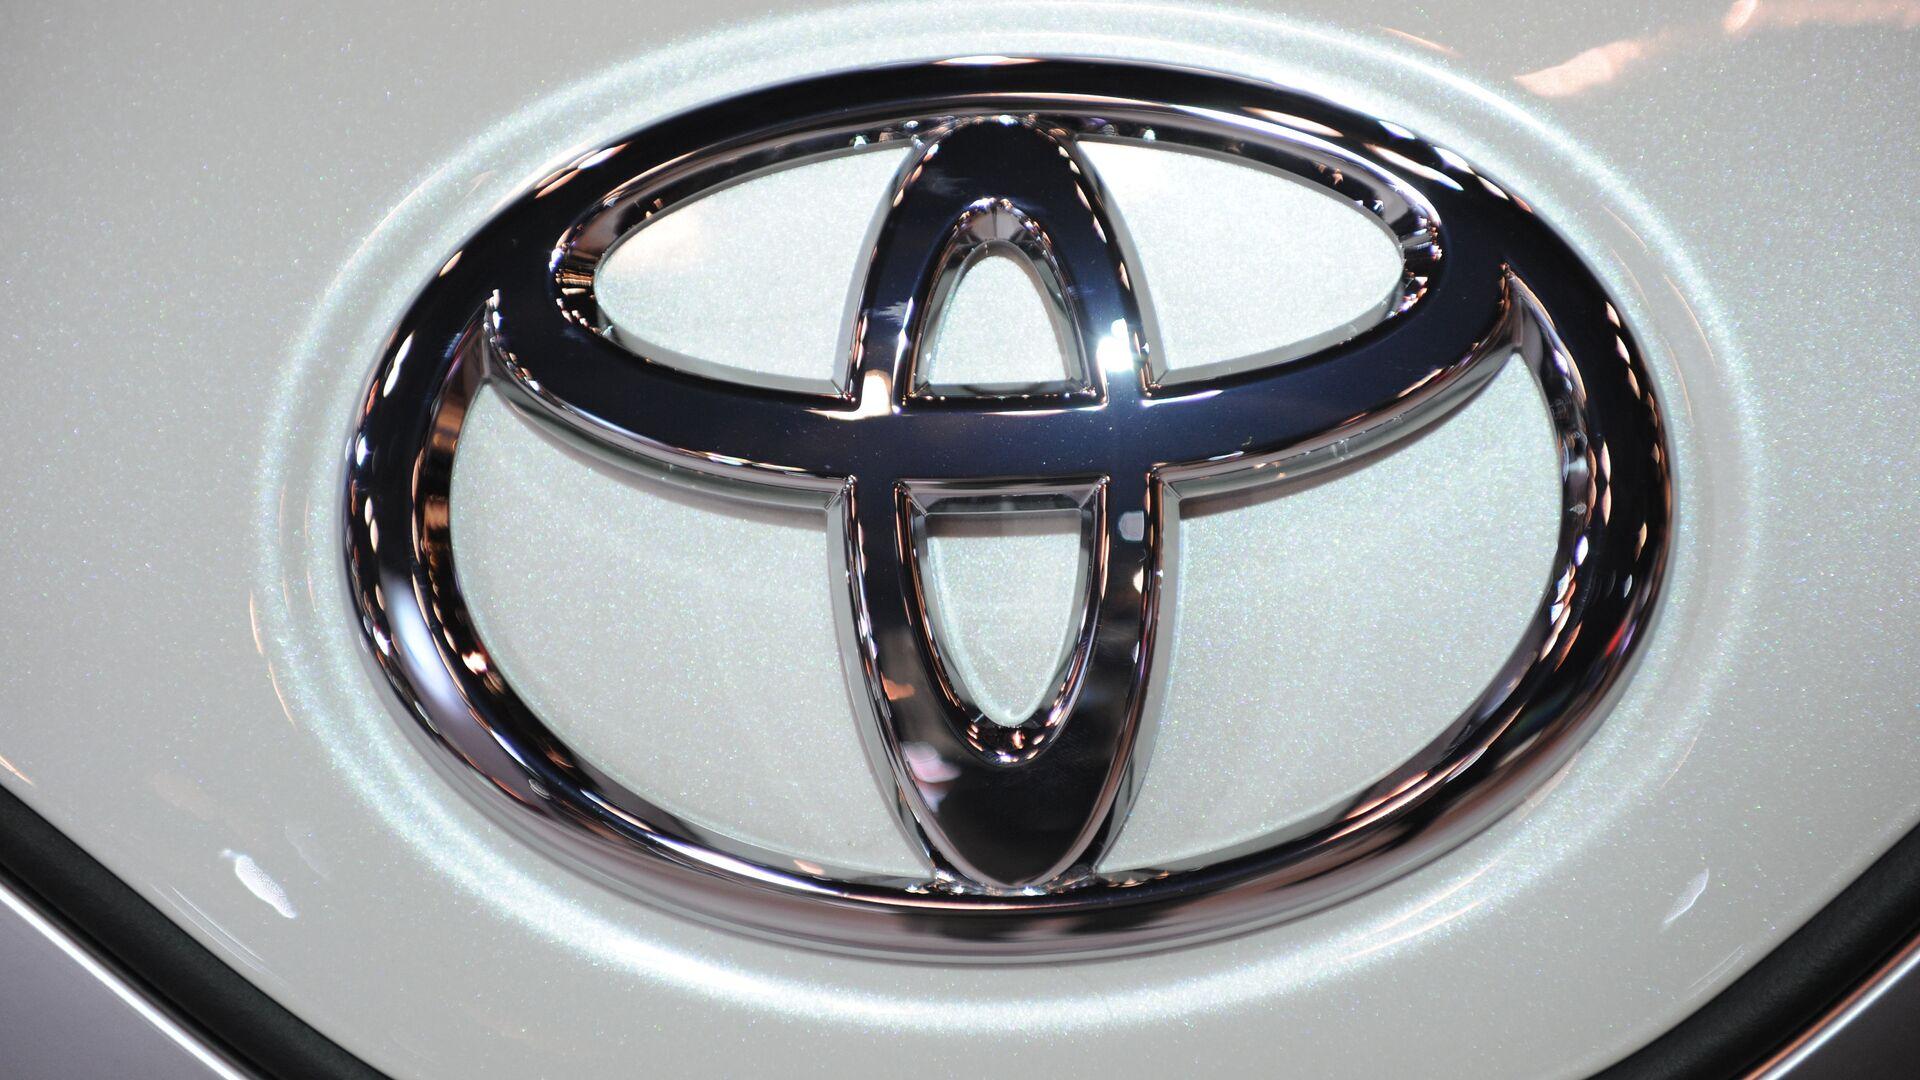 Toyota Motor отзывает по всему миру более 1 млн автомобилей Avensis - Sputnik Mundo, 1920, 18.05.2021